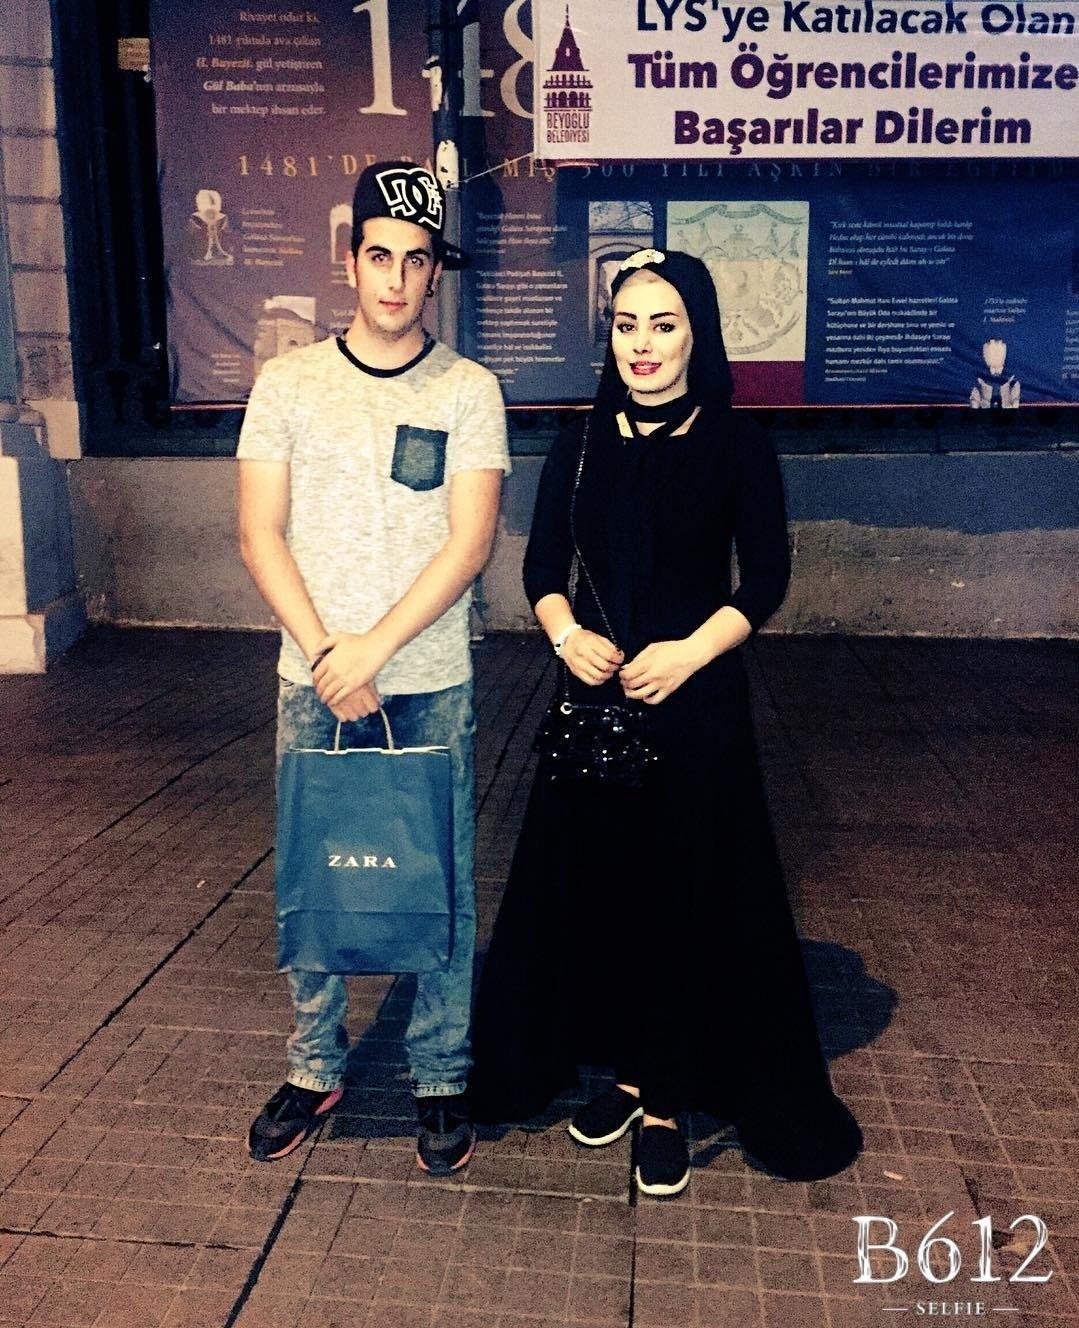 تیپ سحر قریشی در ترکیه